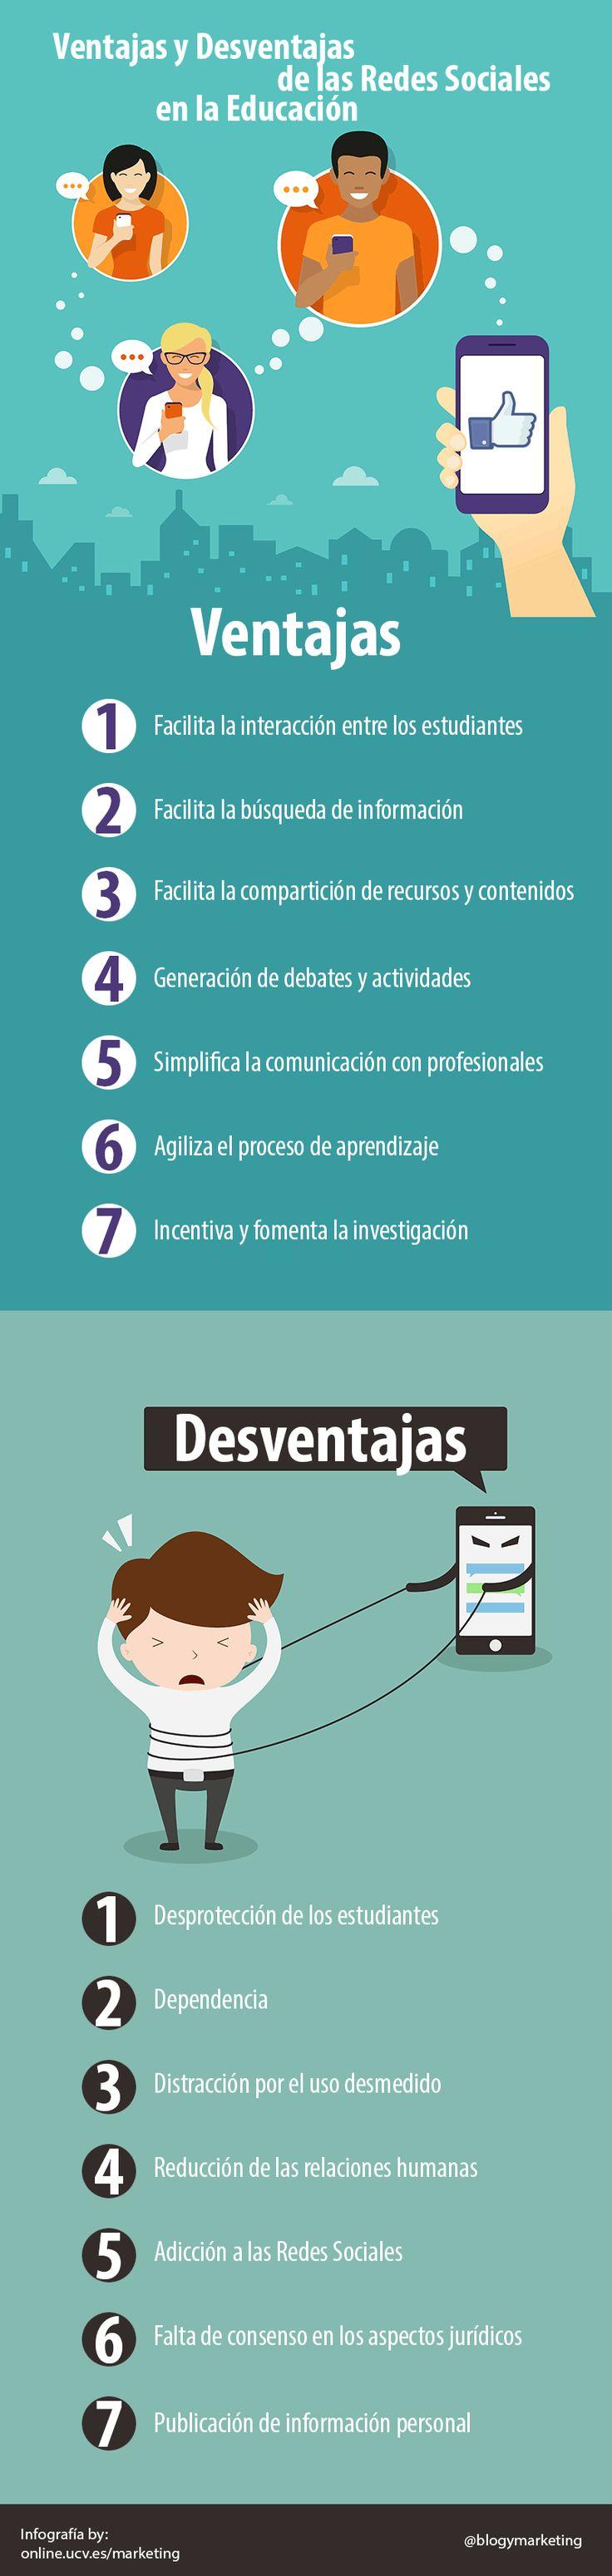 Fuente│Miguel Florido: Ventajas y desventajas de las redes sociales en la educación – En Twitter: @blogymarketing